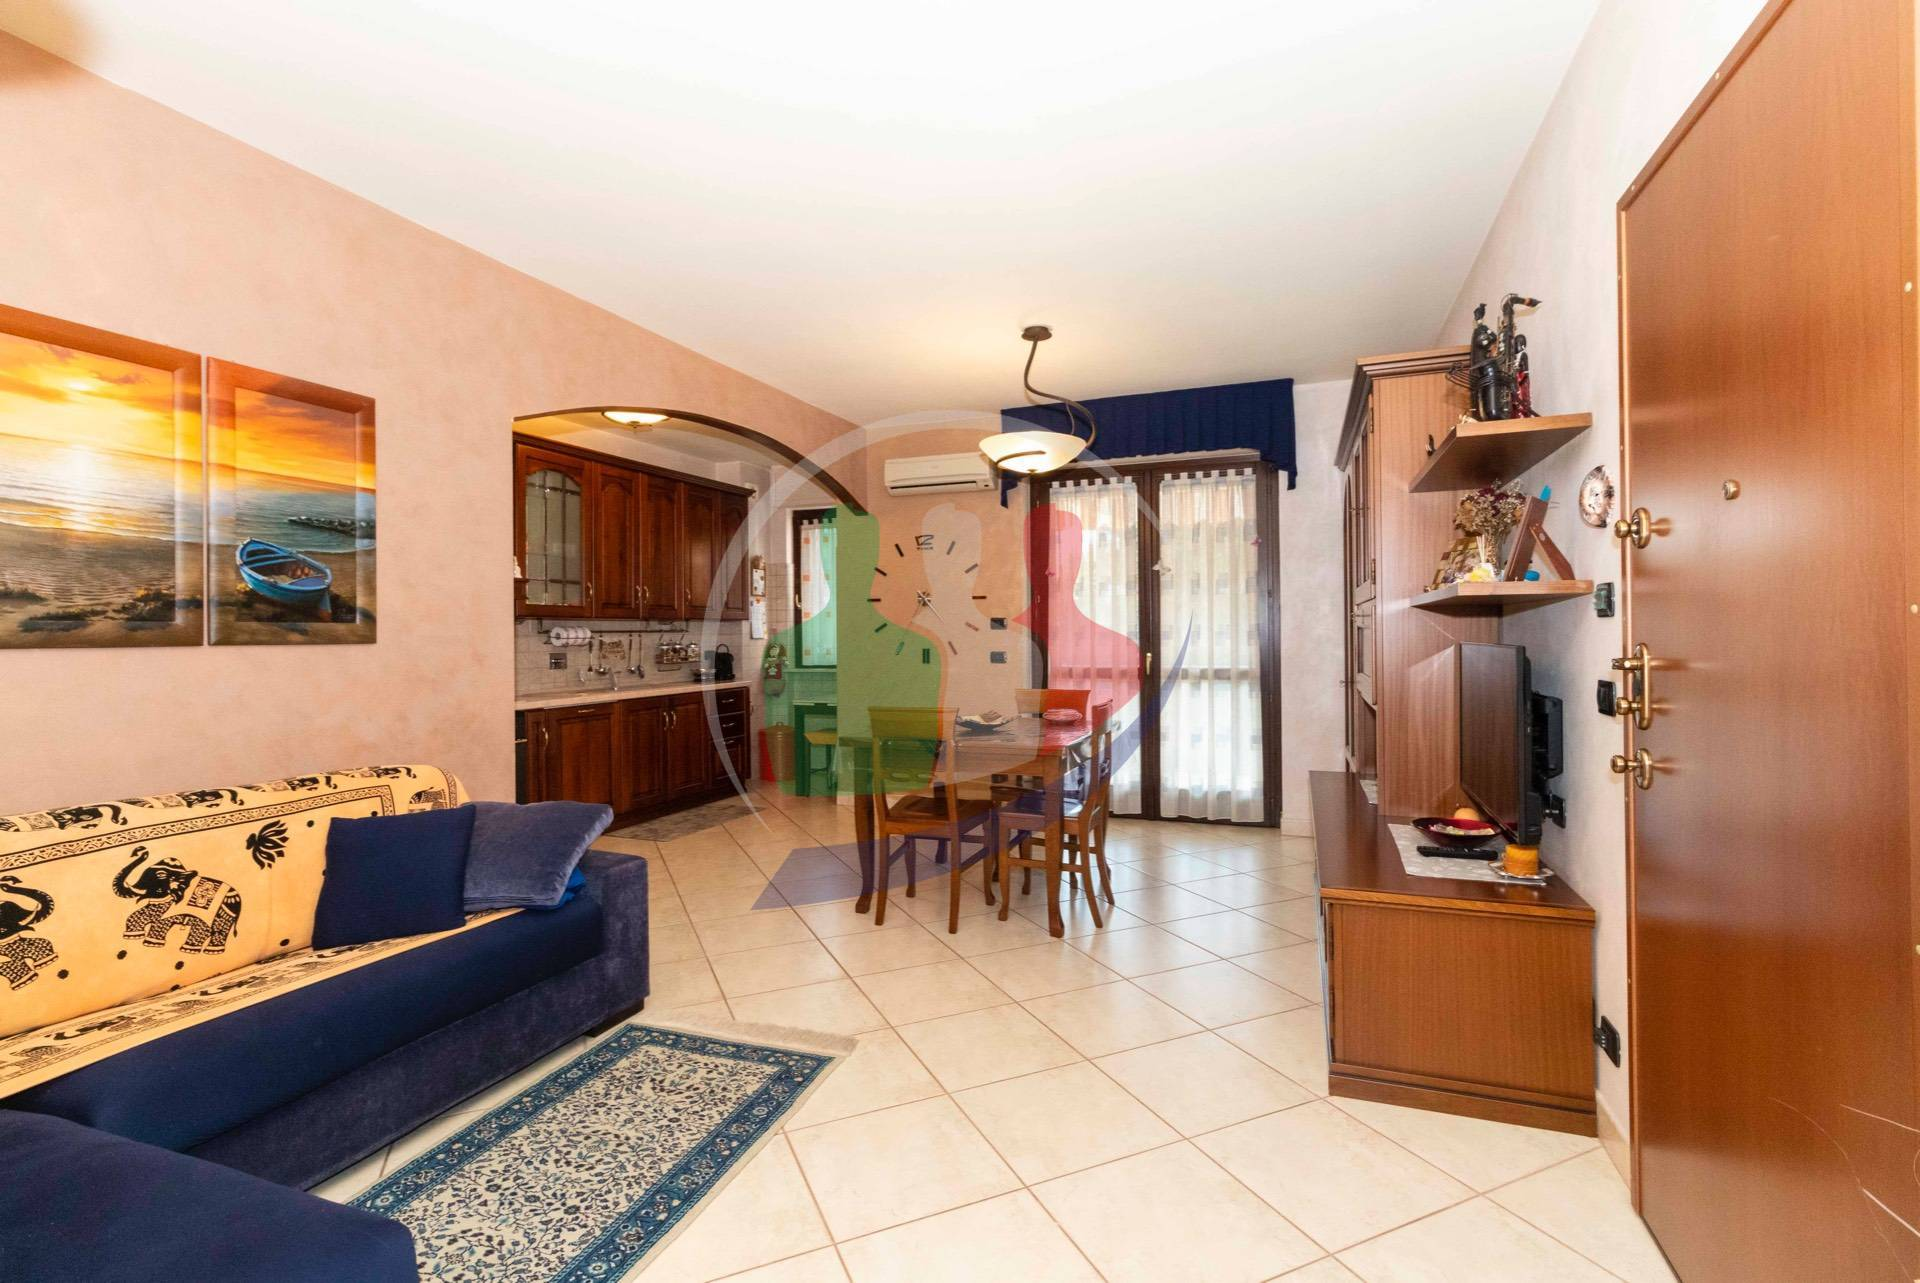 Appartamento in vendita a Vinovo, 4 locali, zona ro, prezzo € 225.000   PortaleAgenzieImmobiliari.it